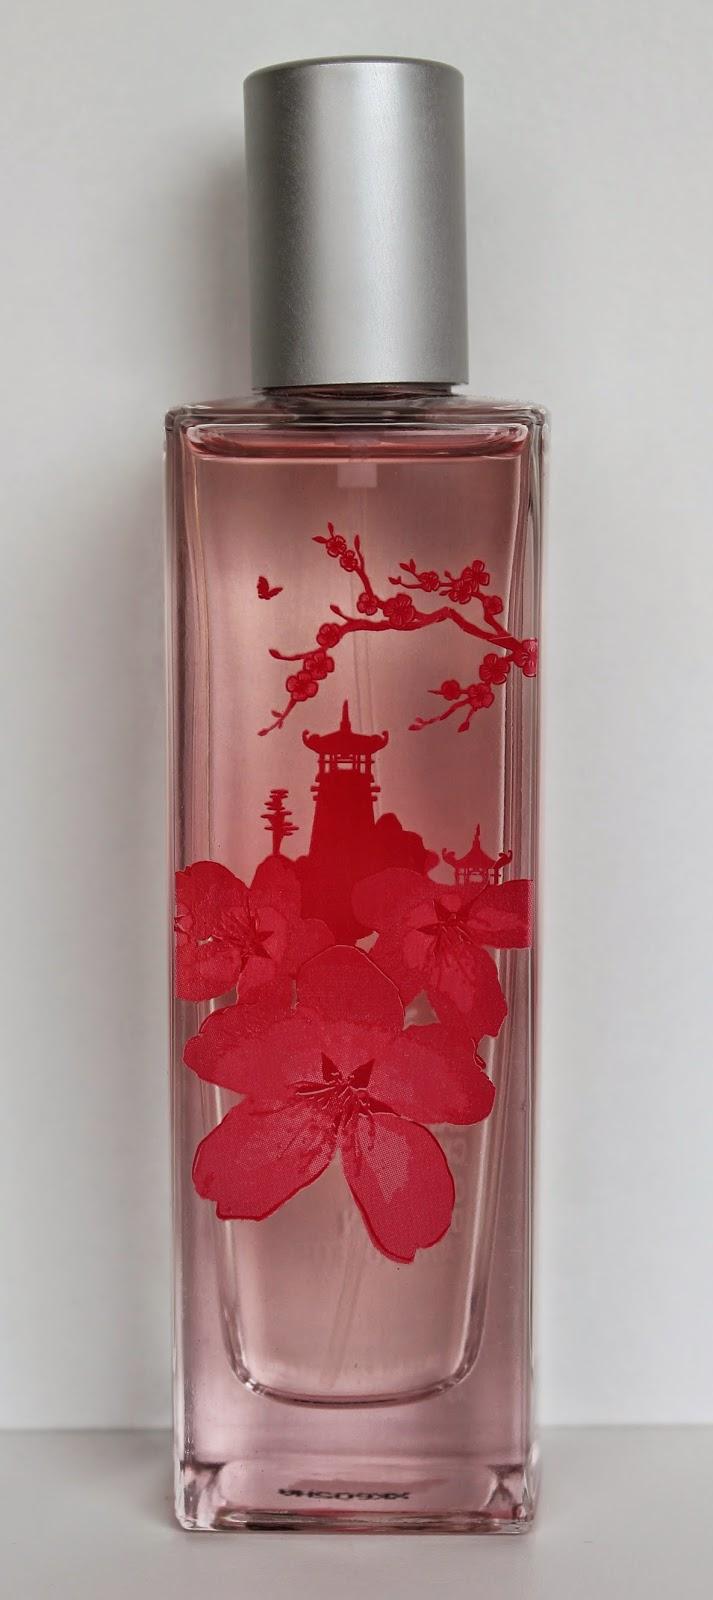 The Body Shop Cerisier du Japon